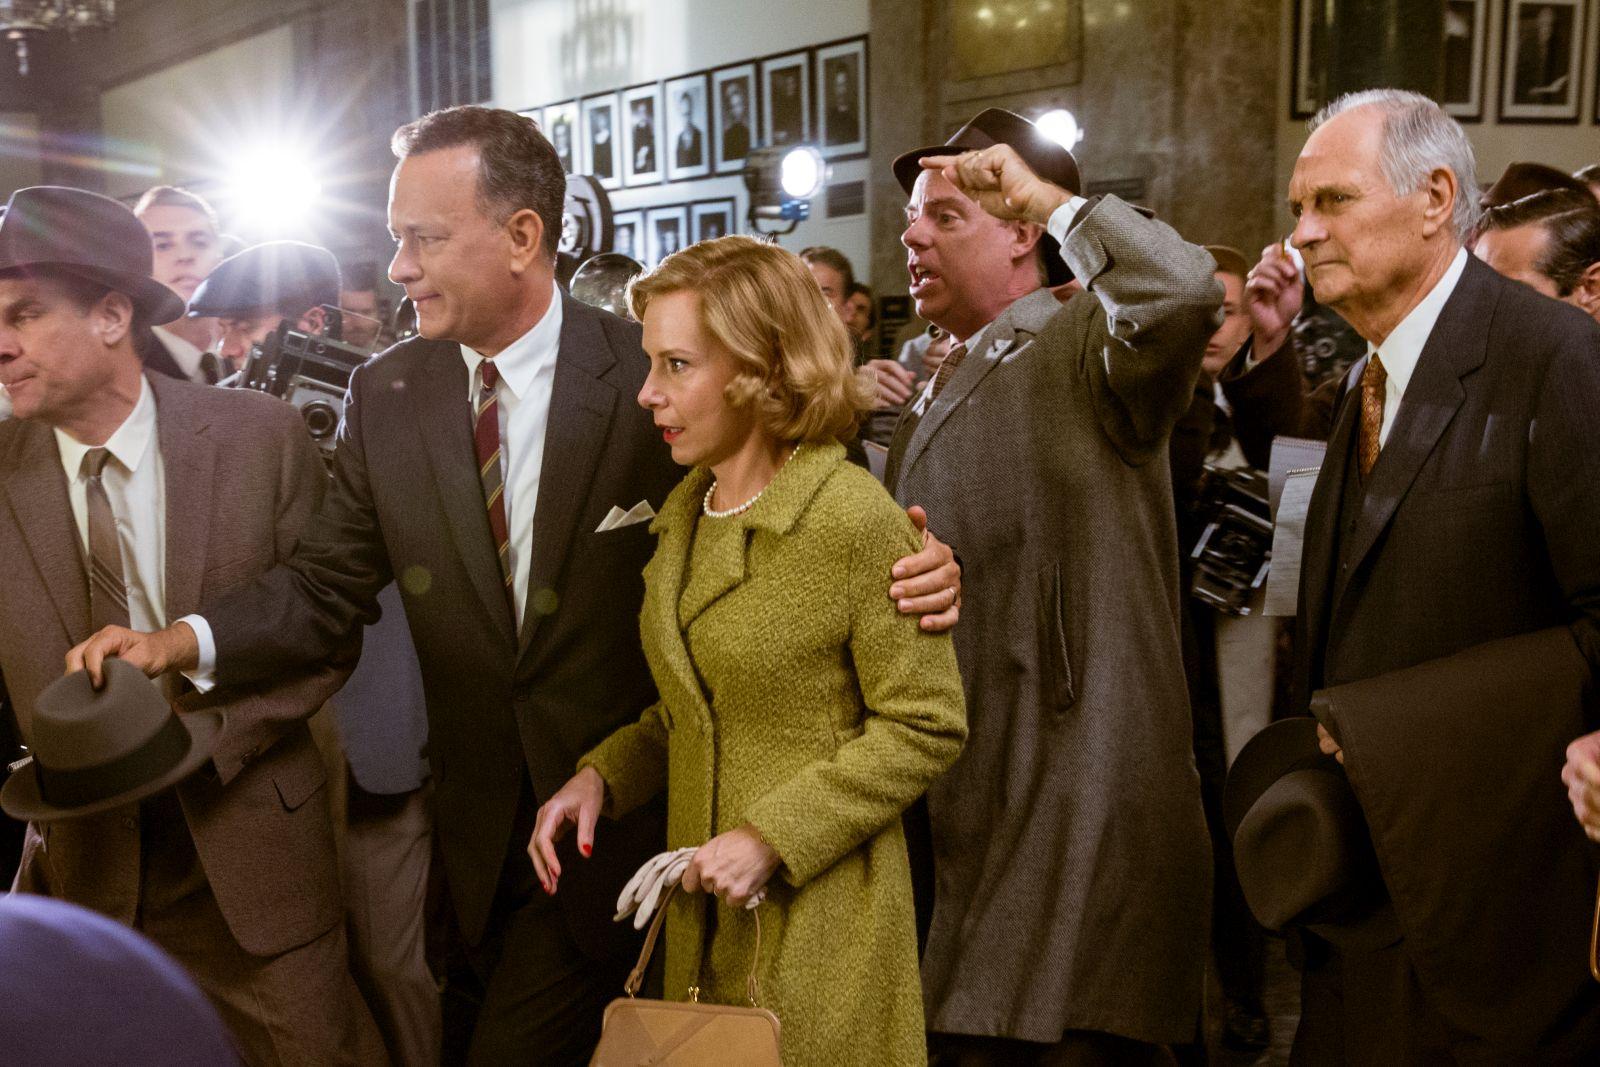 Il ponte delle spie: Tom Hanks, Amy Ryan e Alan Alda in una concitata scena del film